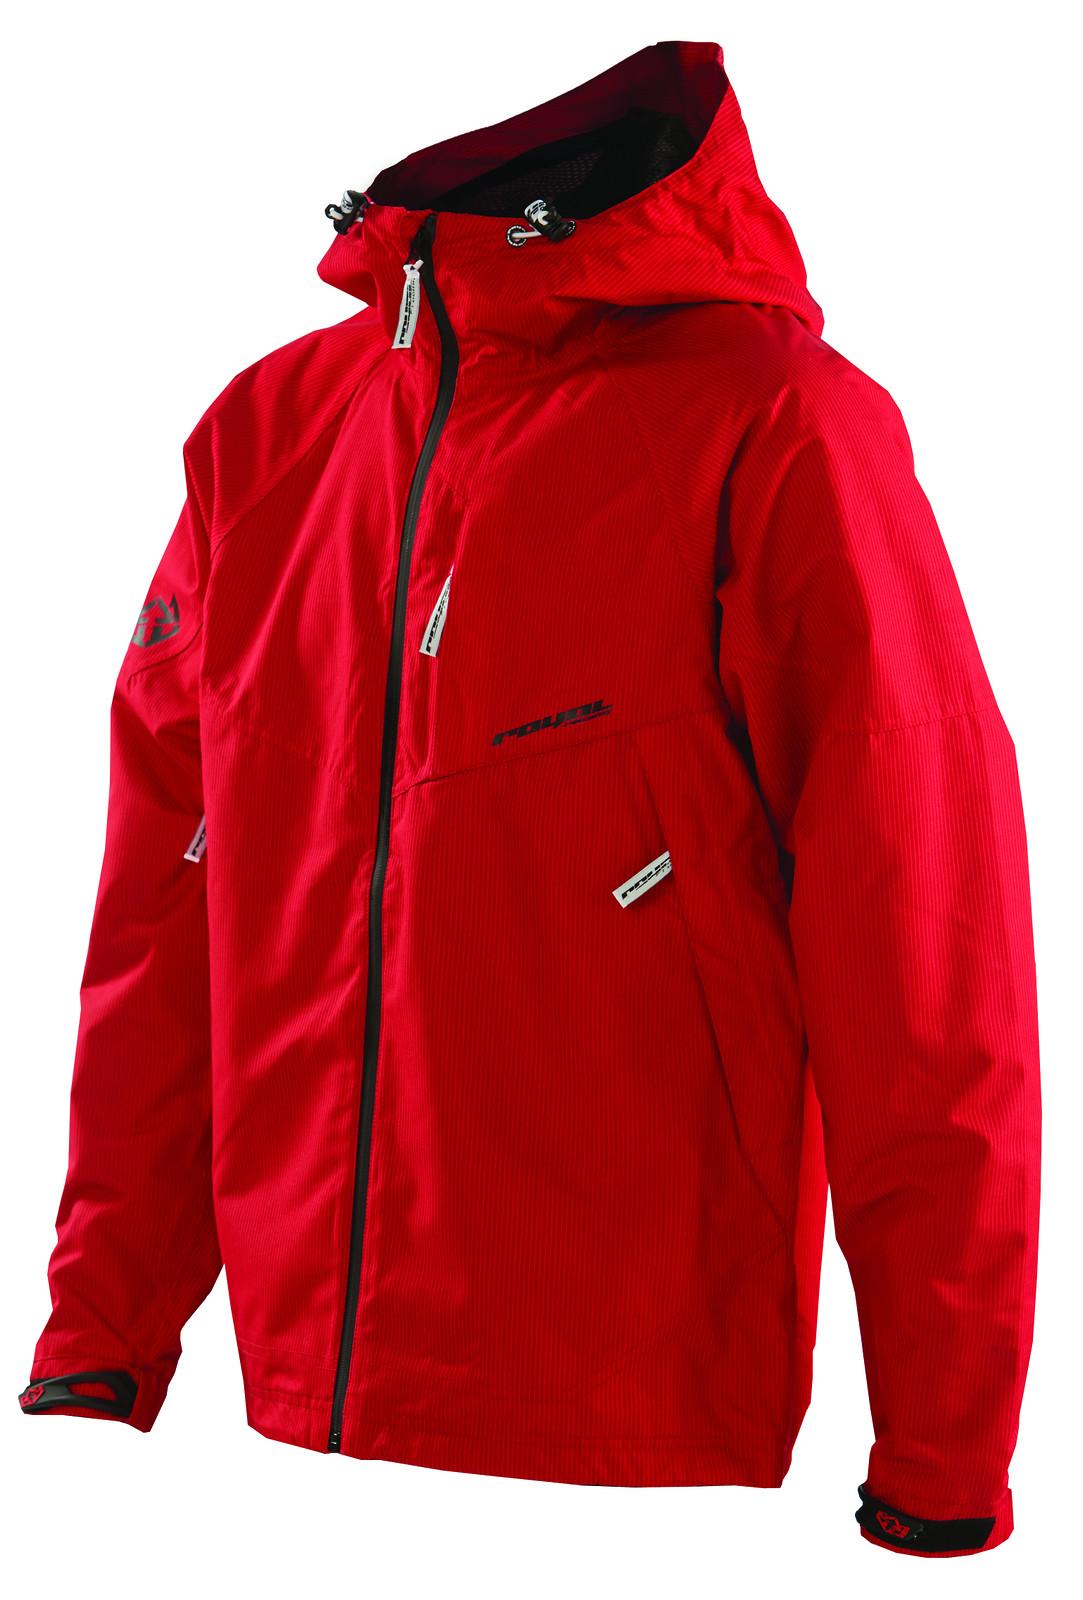 matrix red jacket-f